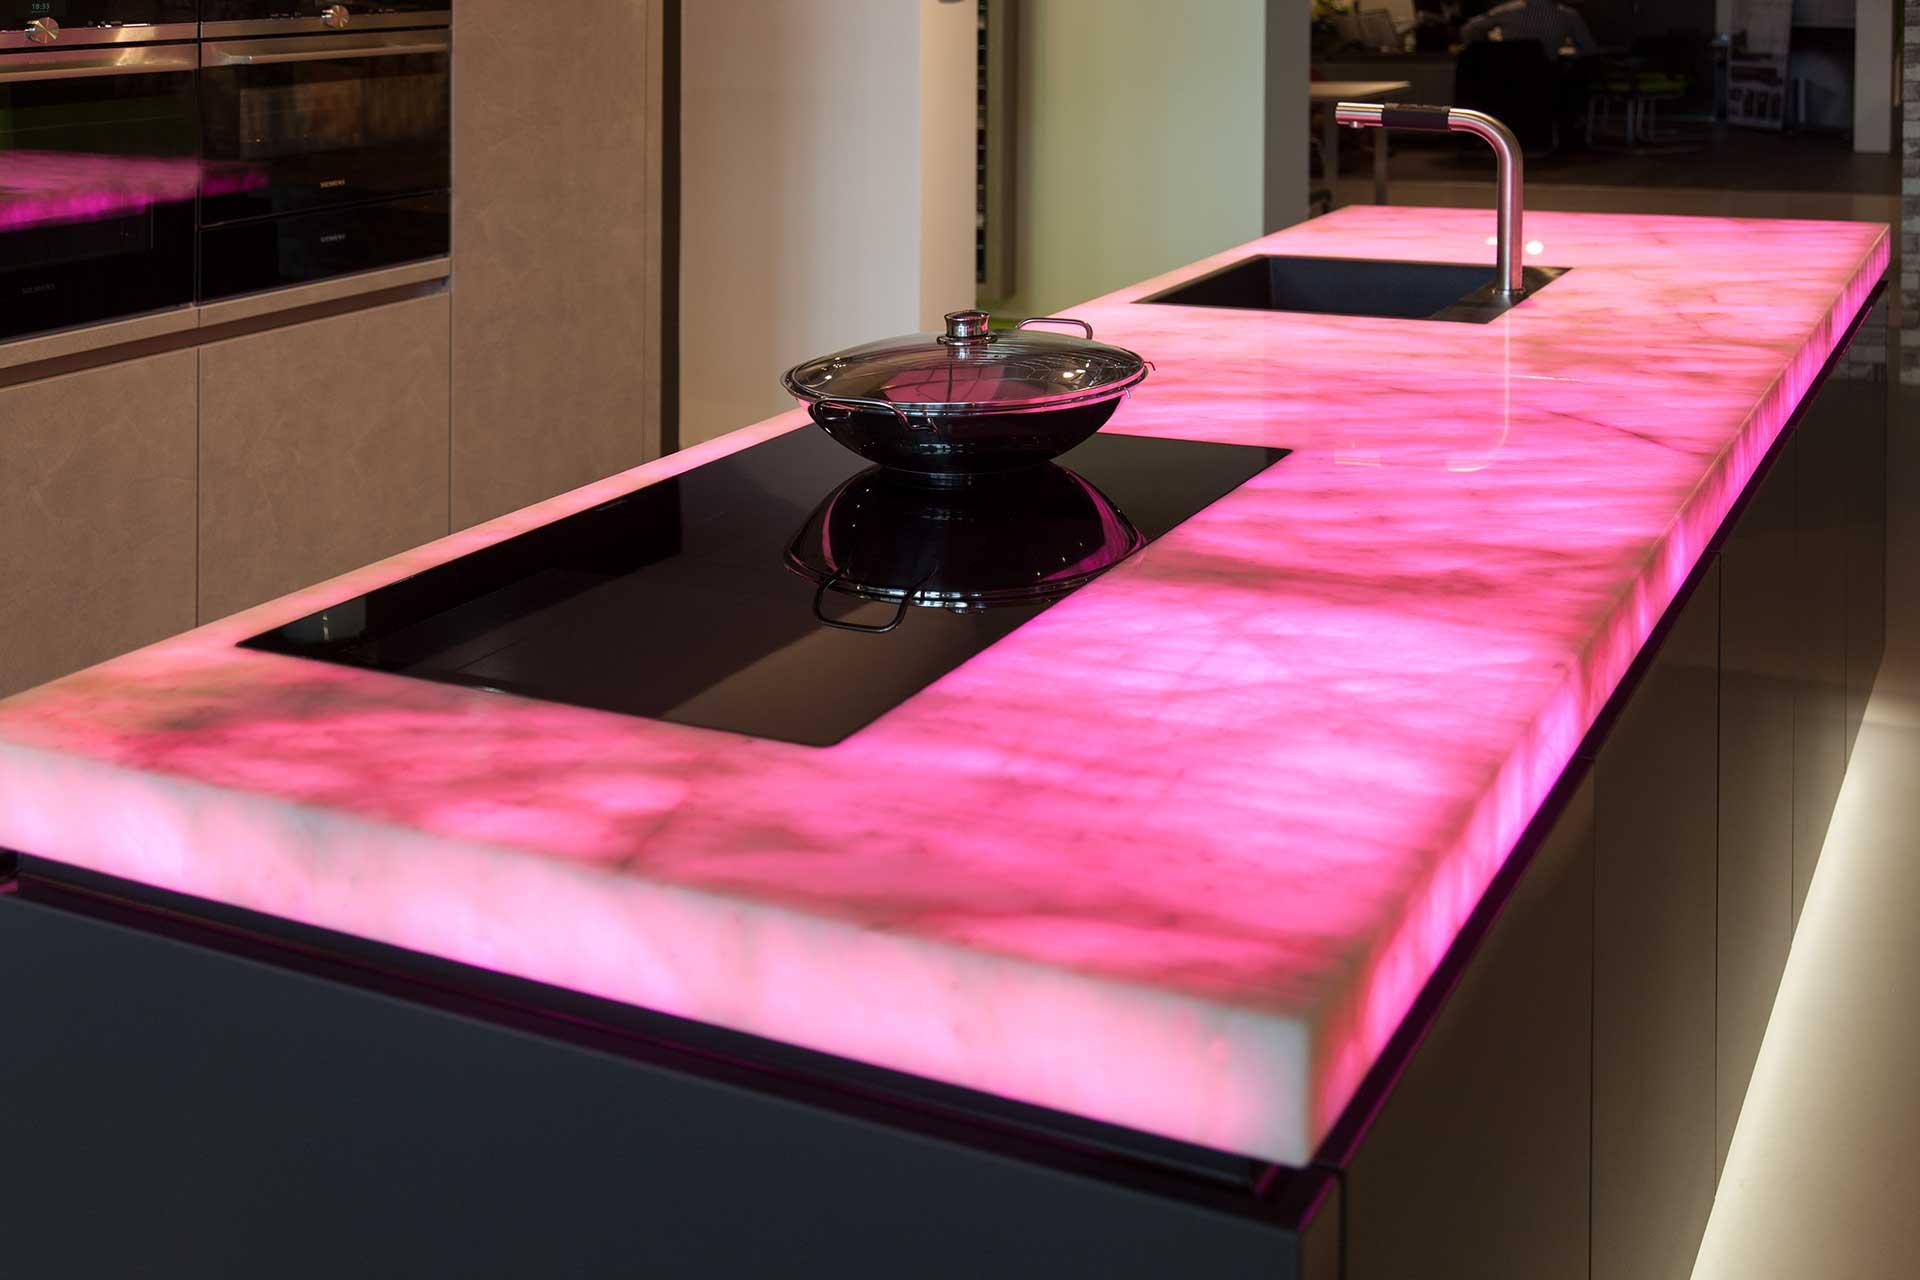 Küche Pink. Sitzbank Küche Mit Stauraum Ikea Möbelgriffe Wohnmobil ...